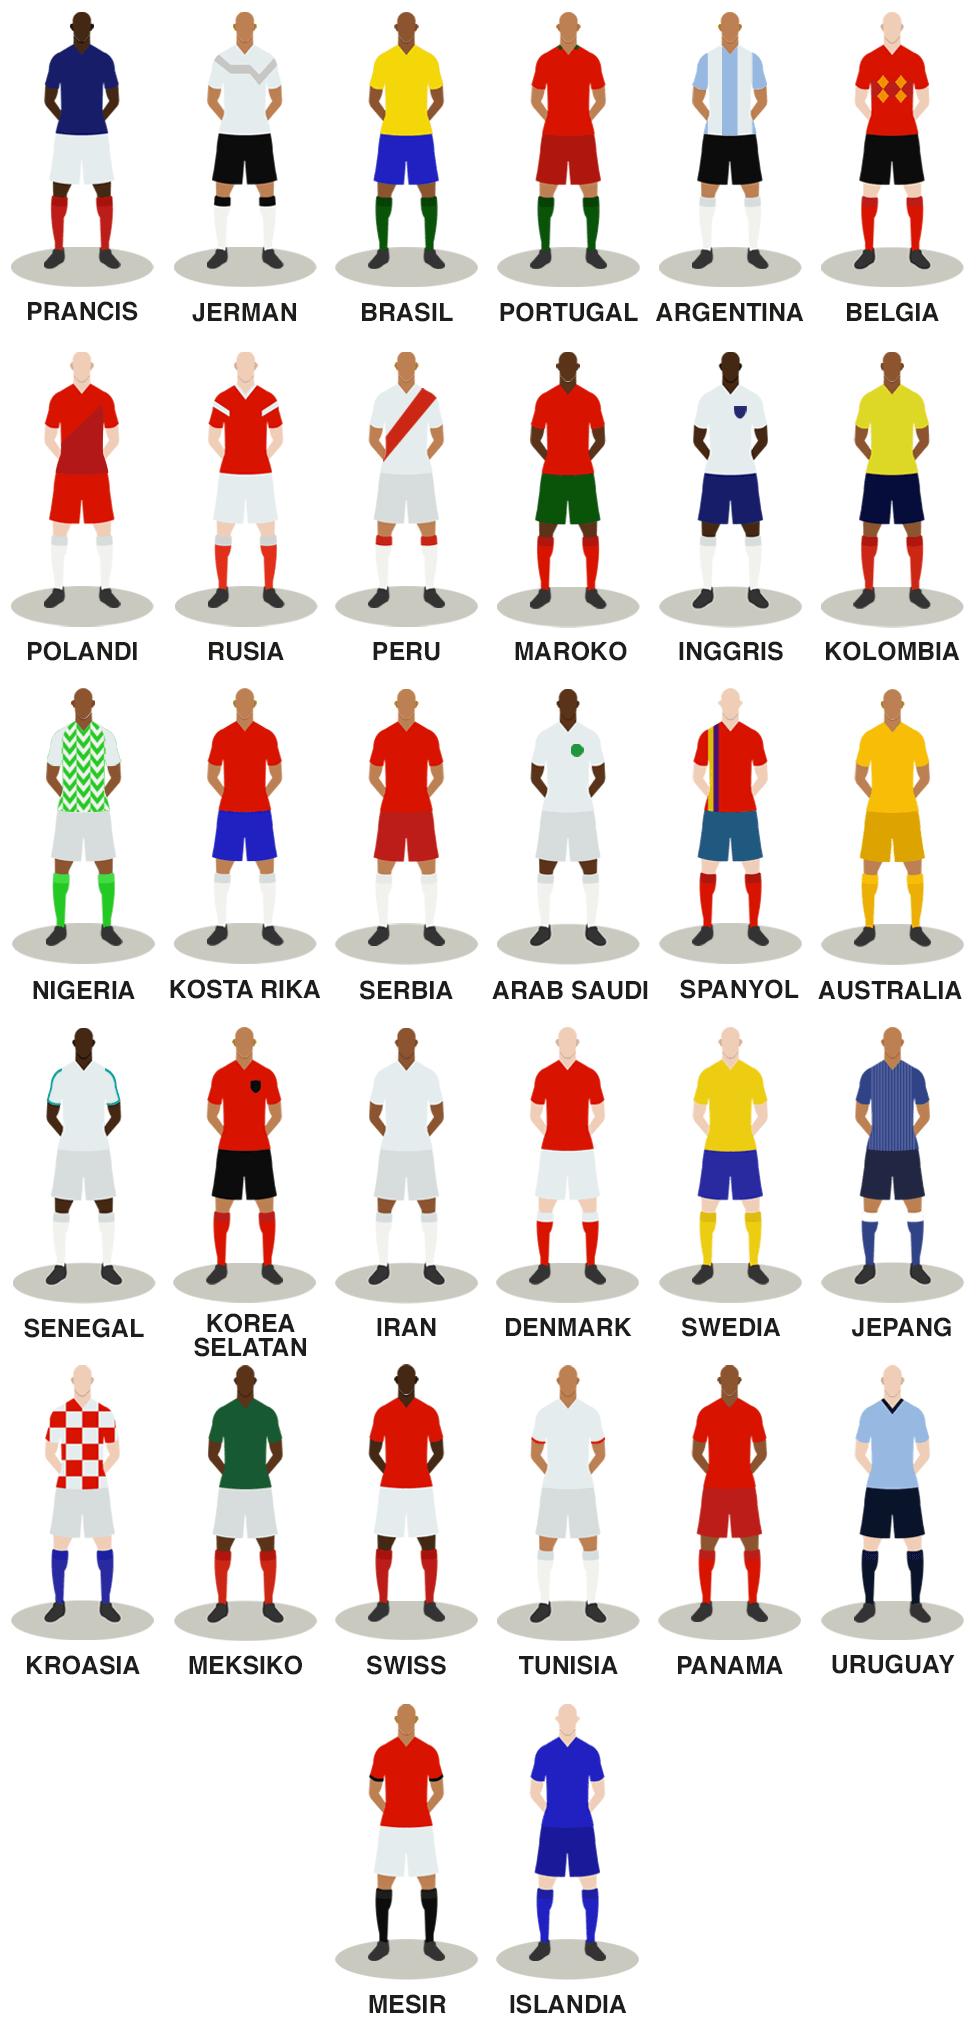 Piala Dunia 2018 Sejarah Tak Berpihak Kepada Jerman Atau